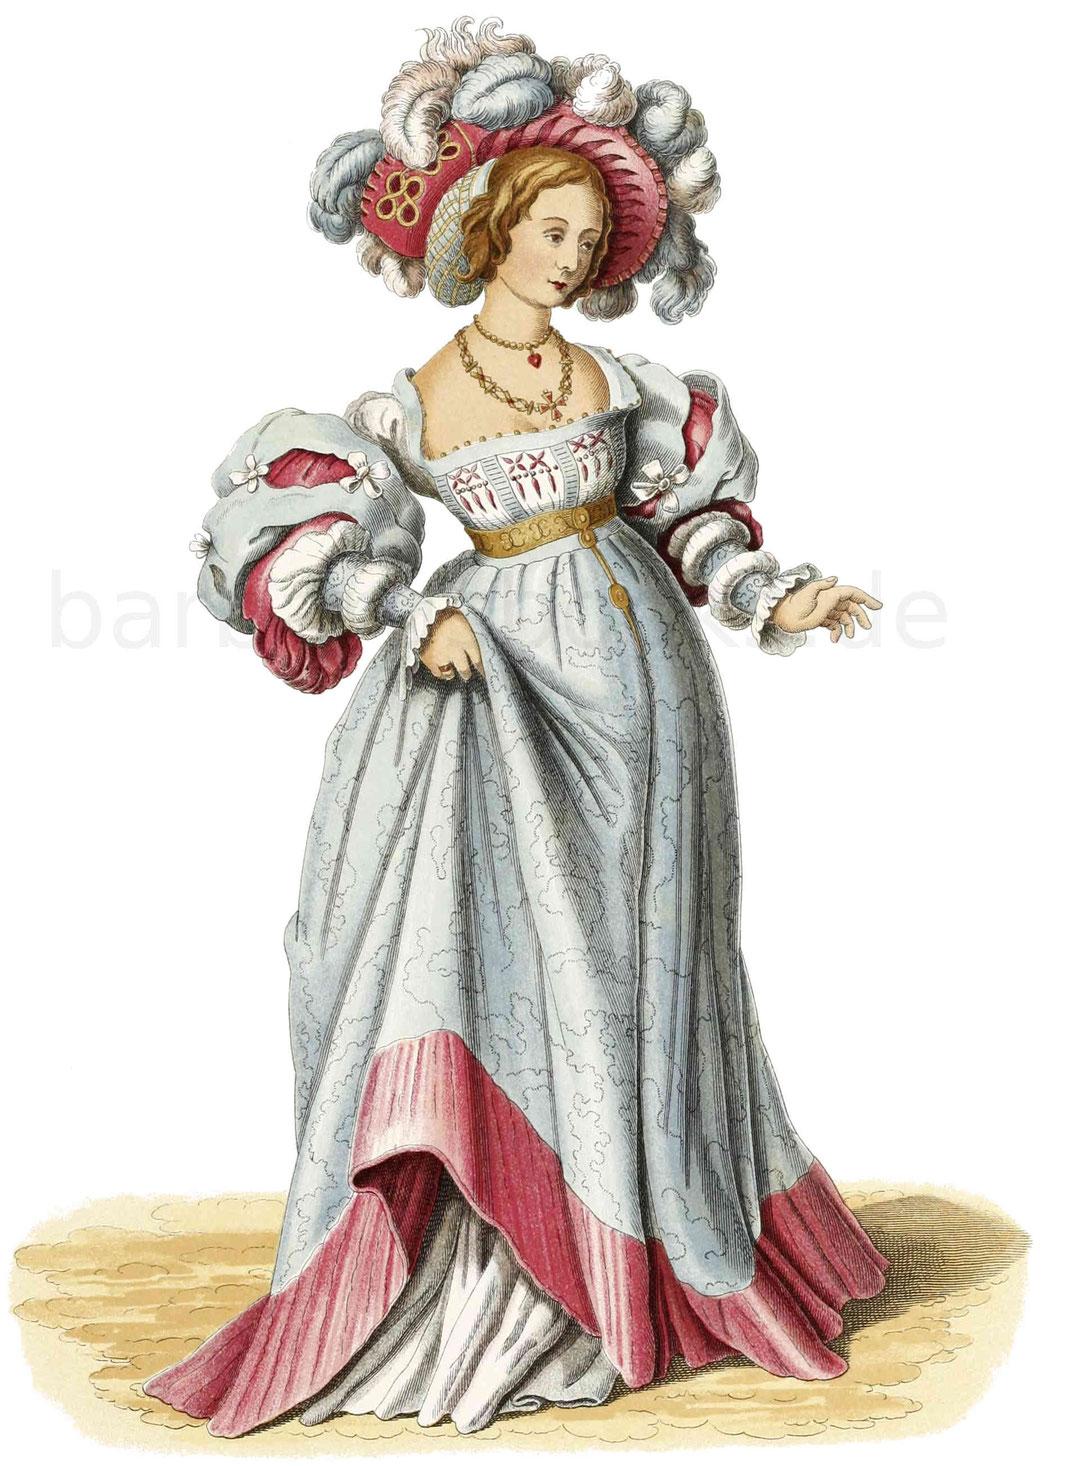 Frauentracht aus der ersten Hälfte des 16. Jahrhunderts